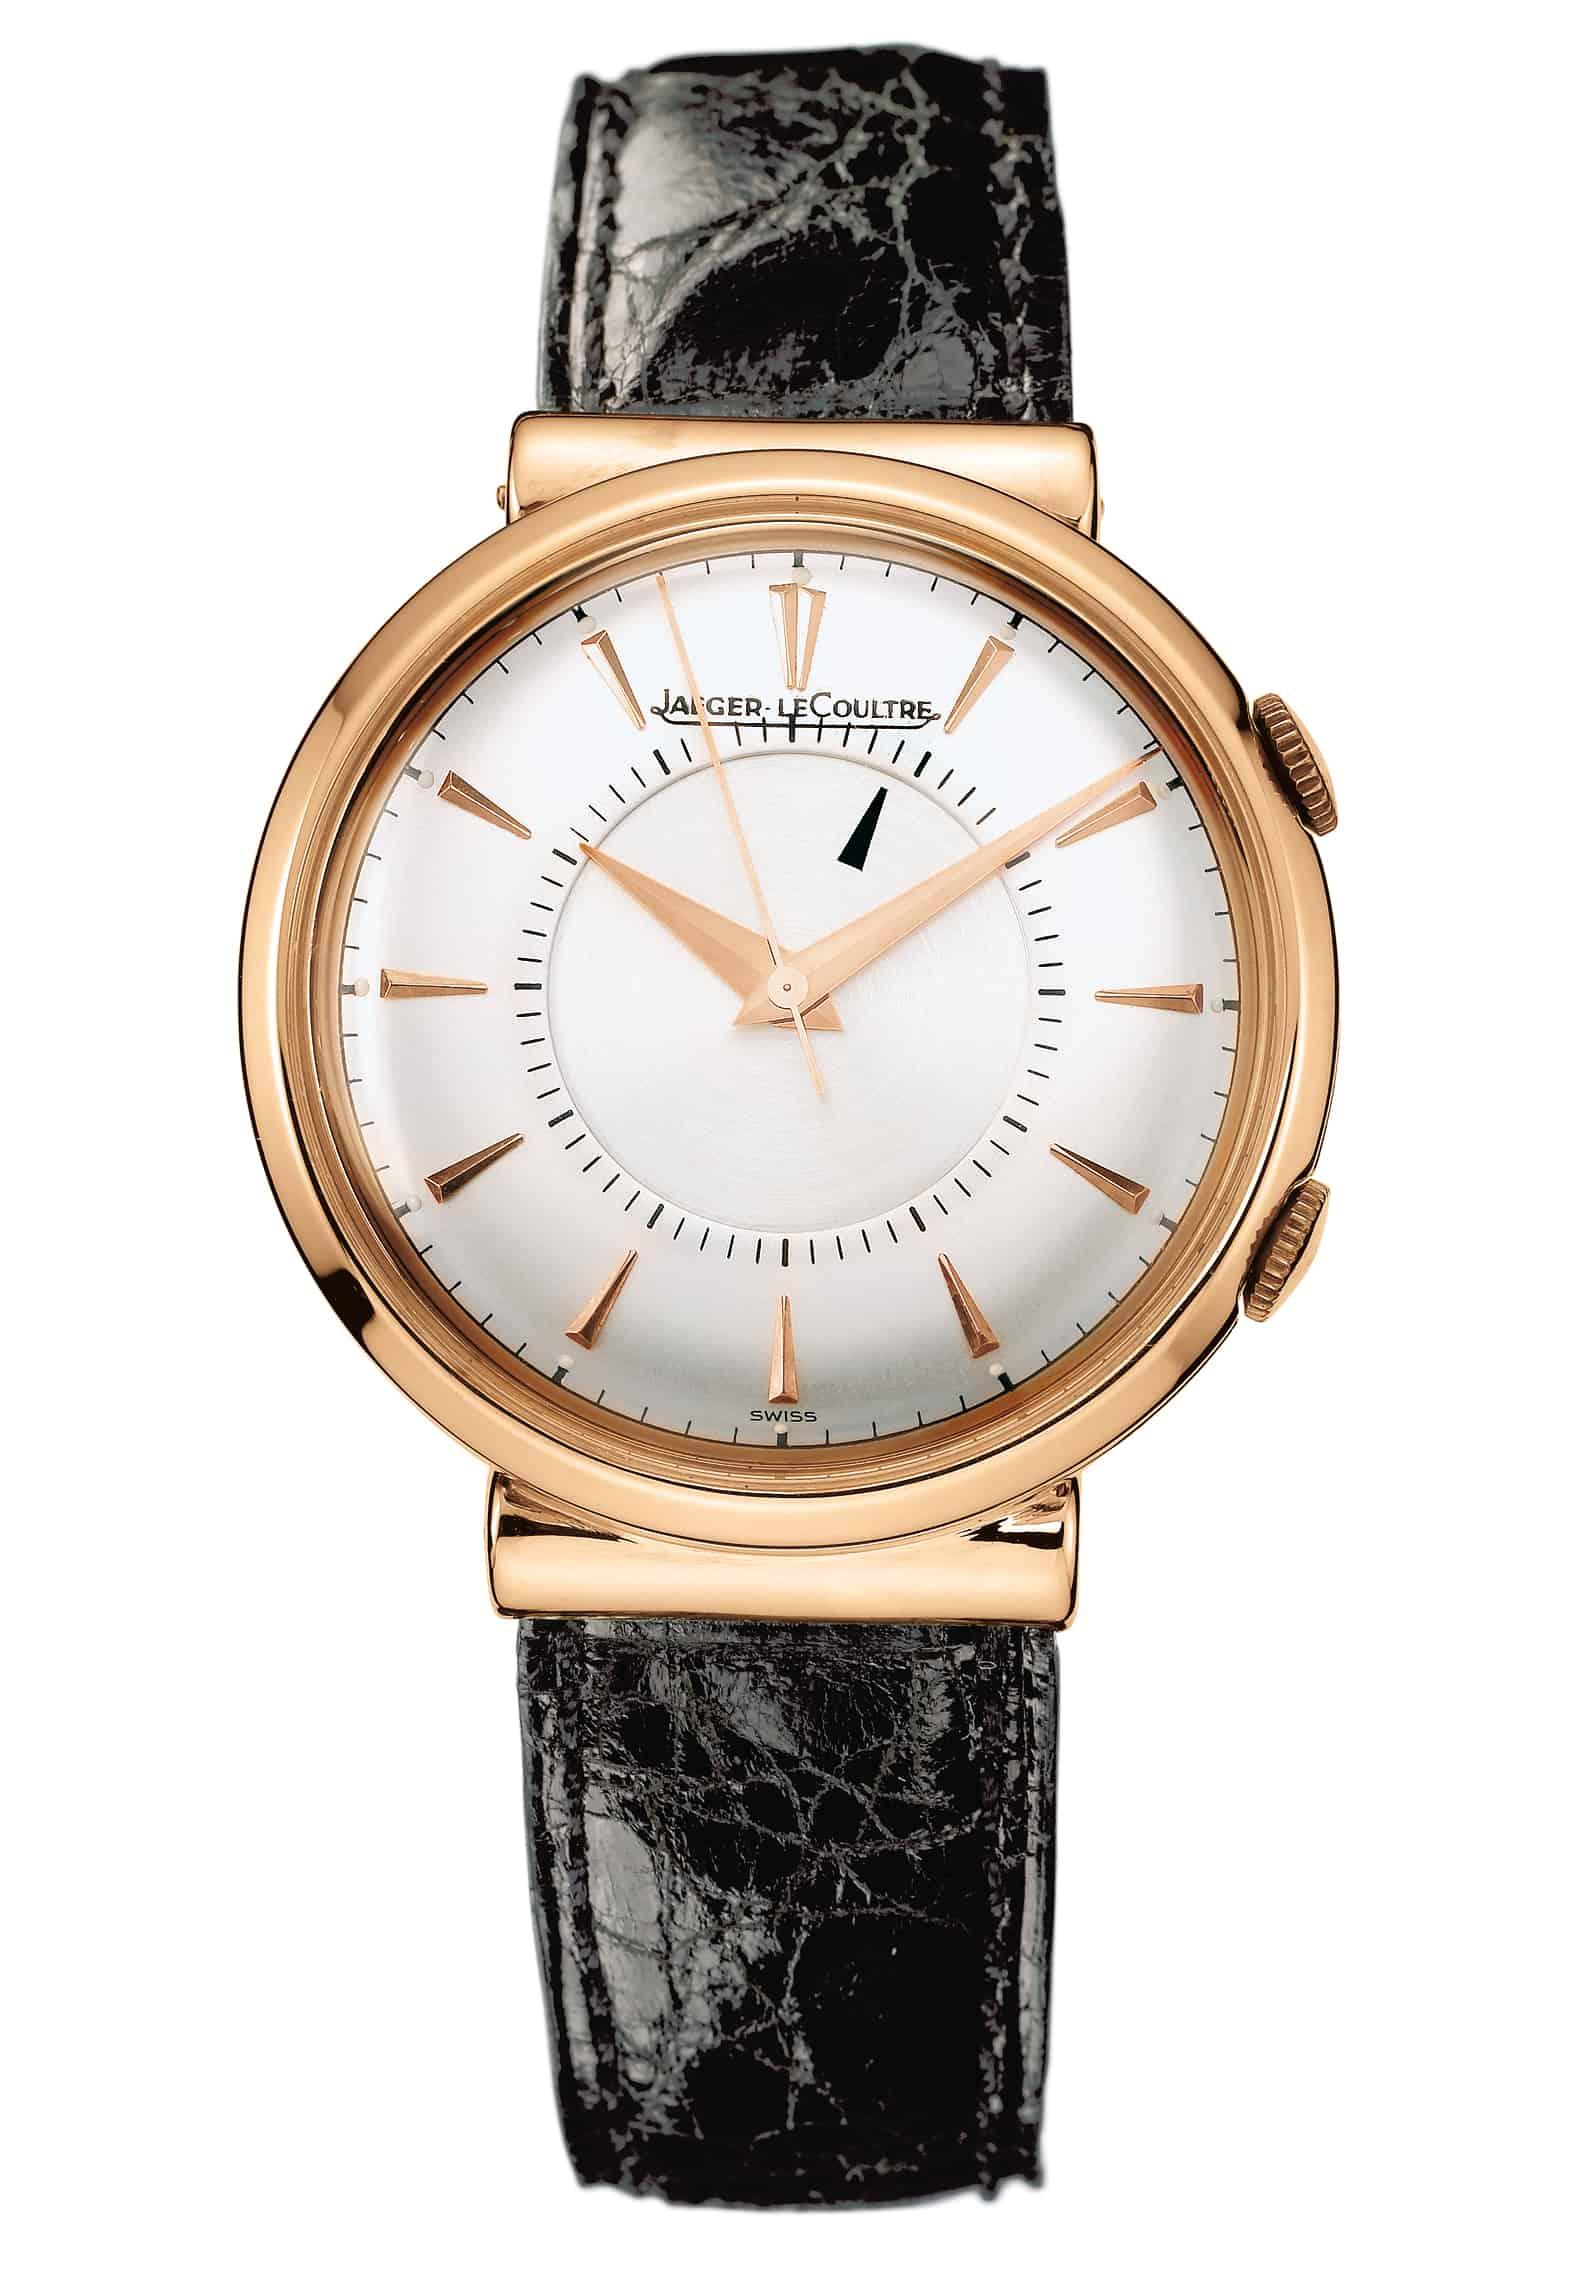 Eine extrem wertvolle Golduhr - die Vintage-Uhr Memovox von Jaeger-LeCoultre aus dem Jahr 1950 mit doppelter Krone